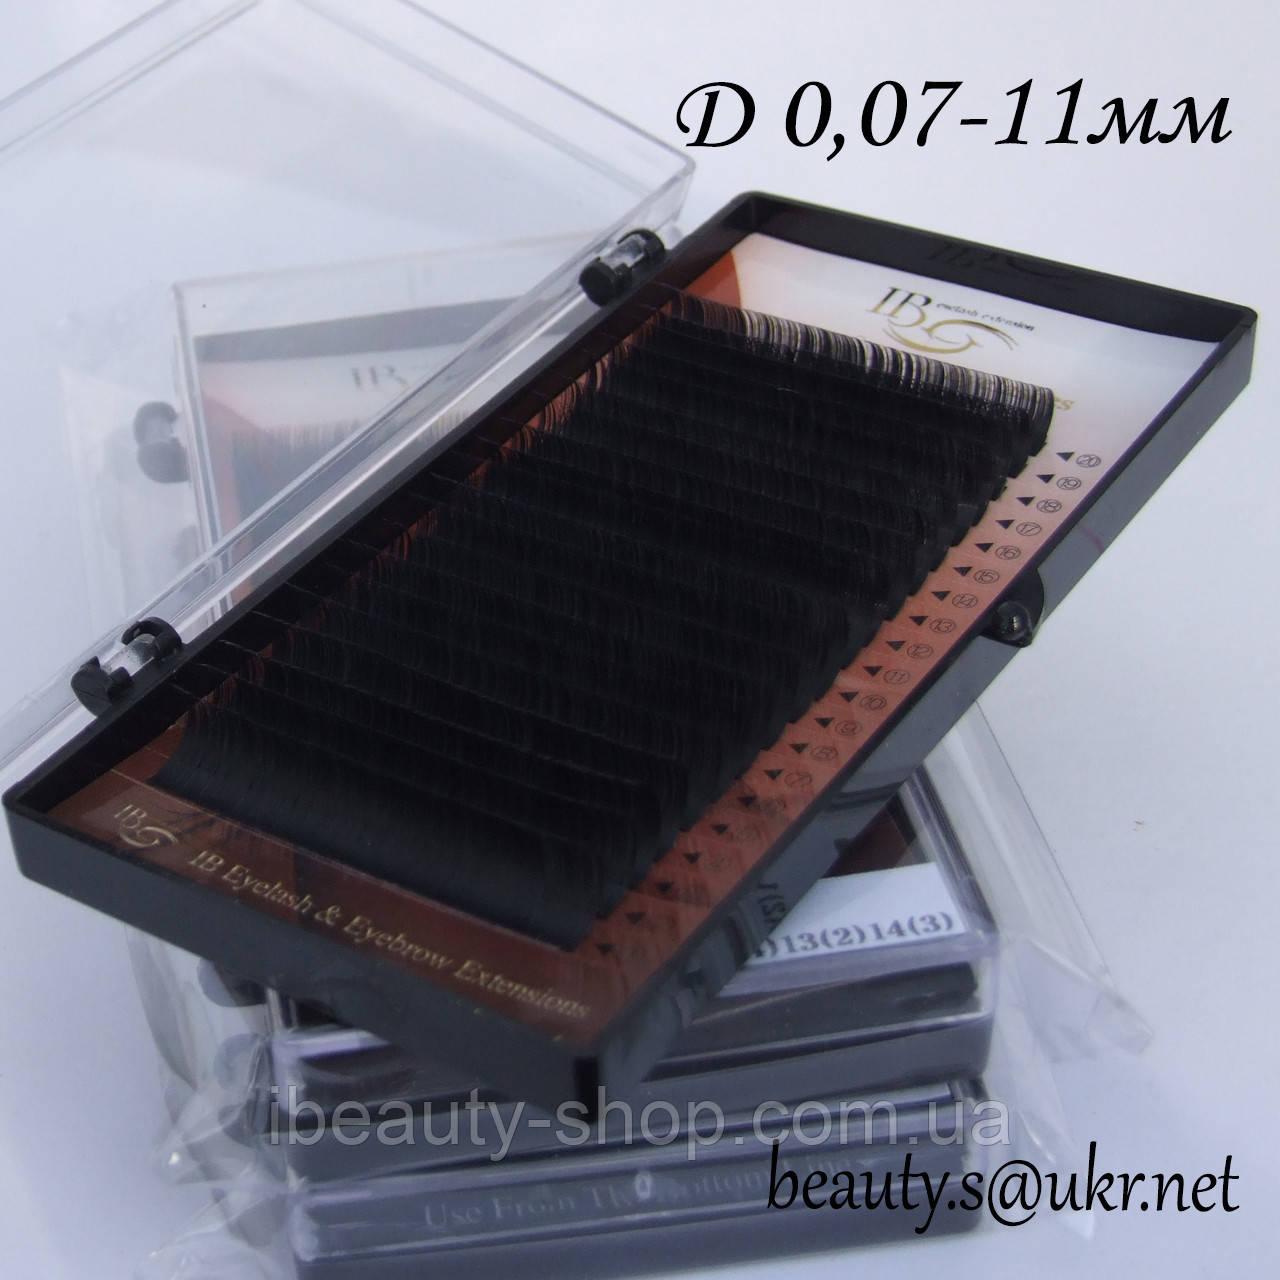 Ресницы  I-Beauty на ленте D-0,07 11мм